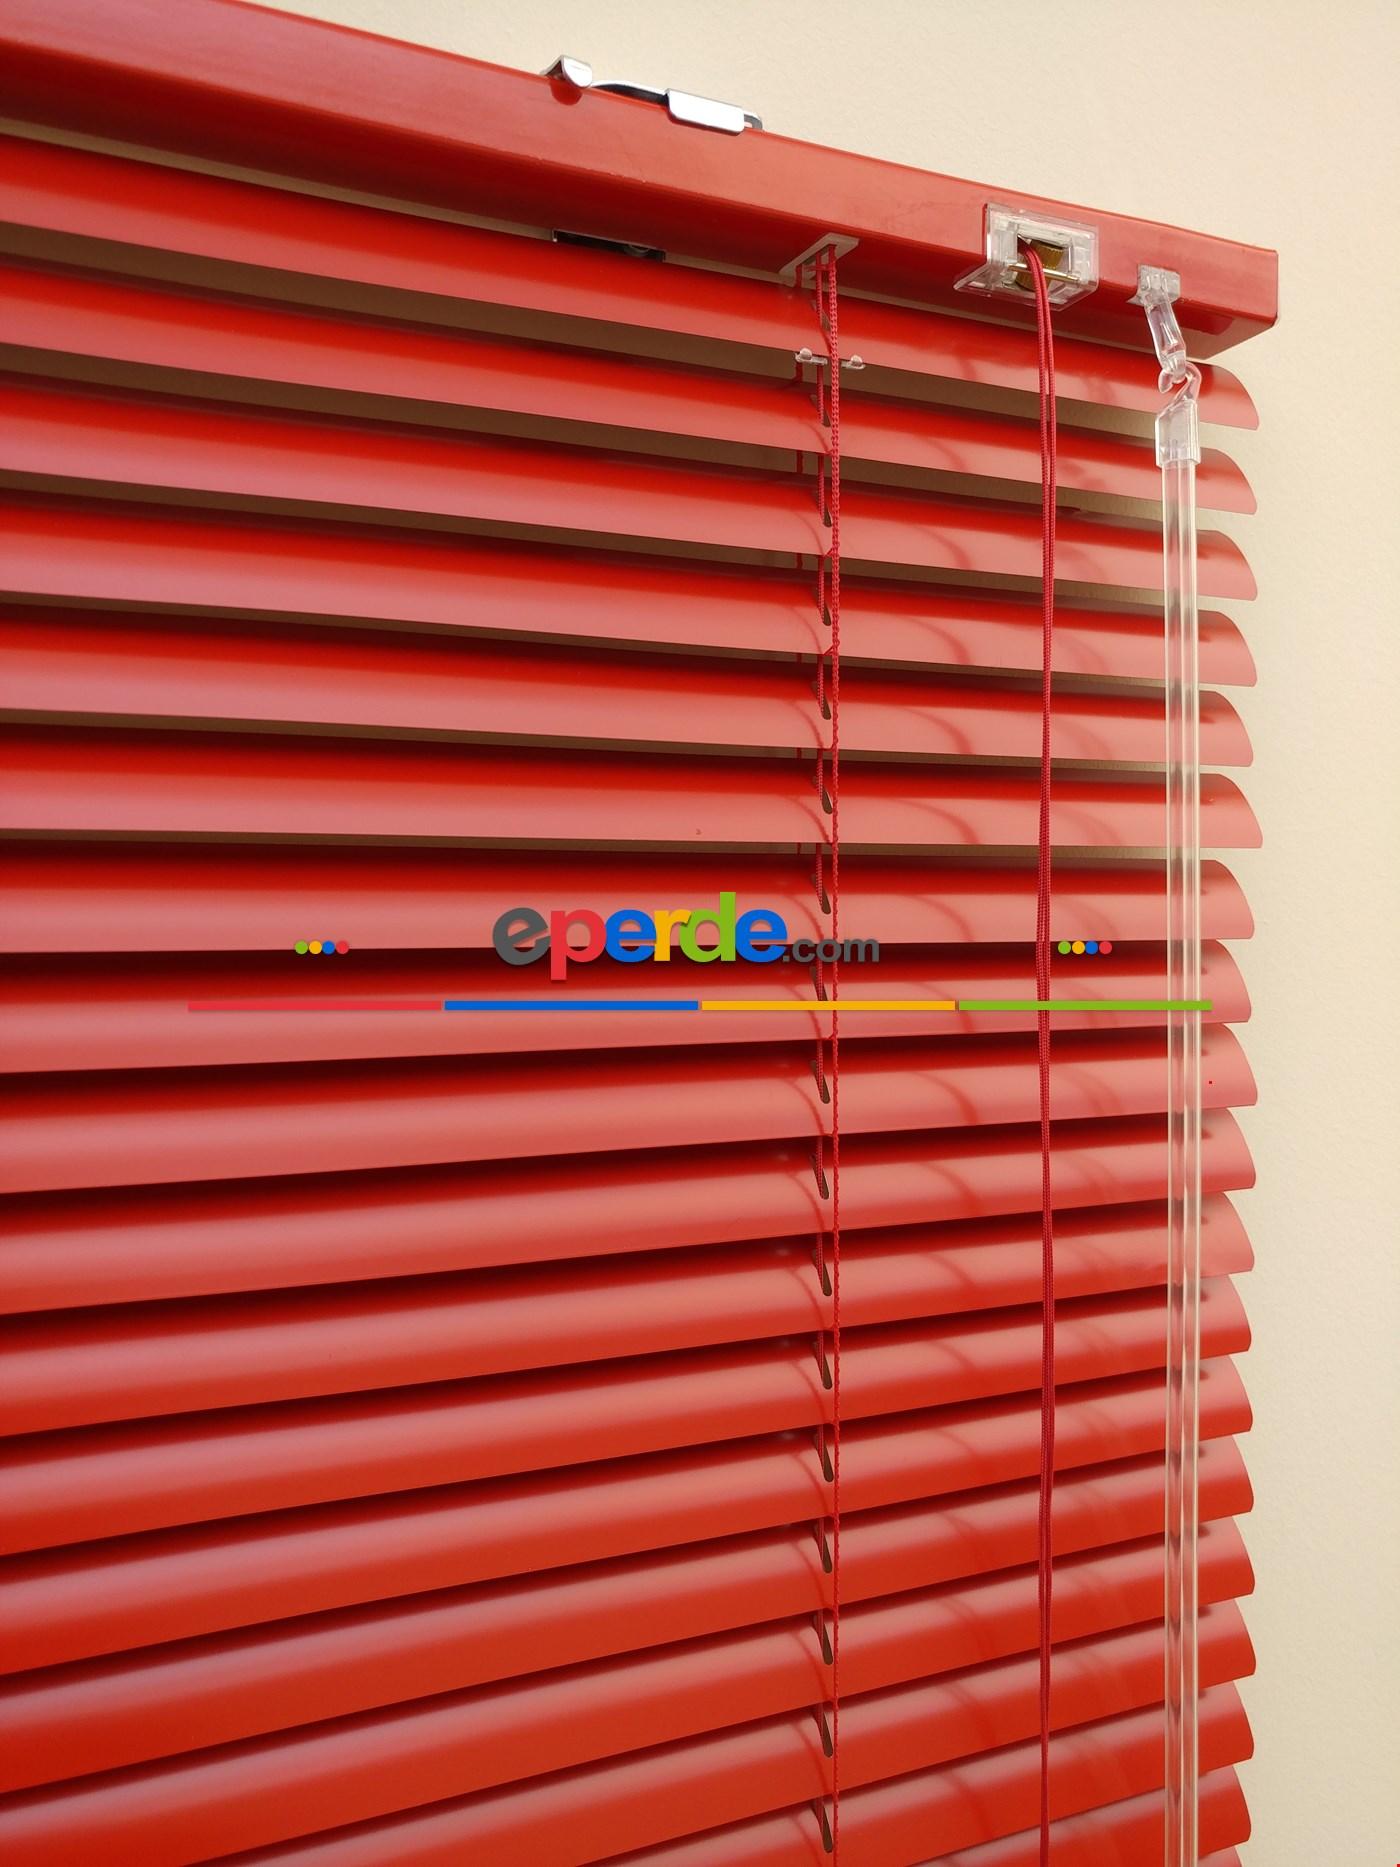 Lila Renk - Alüminyum Jaluzi Perde - 25mm Kalınlığında Kırmızı